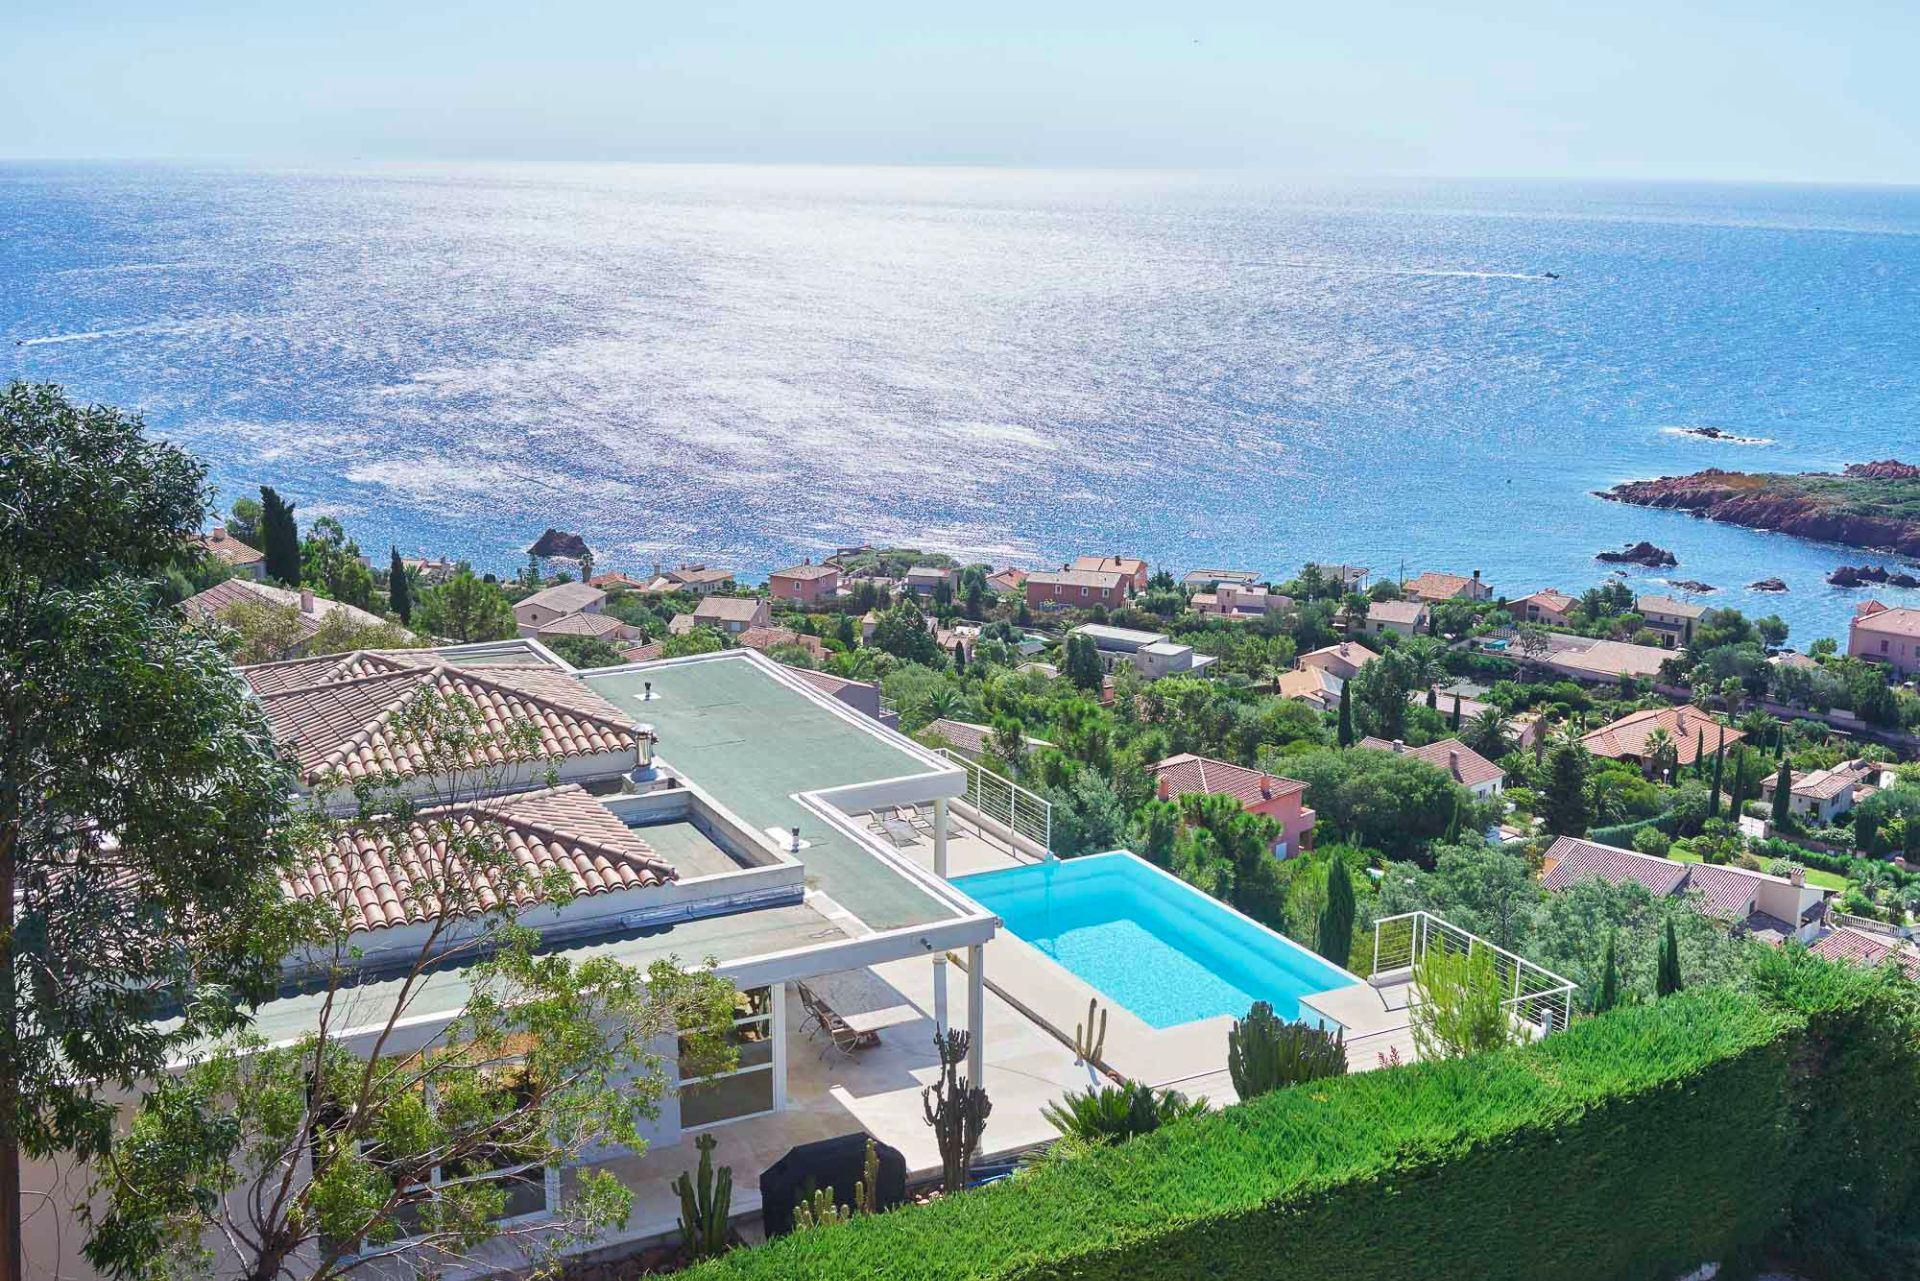 단독 가정 주택 용 매매 에 Californian style house - panoramic sea views - private domain - Anthéor Other Provence-Alpes-Cote D'Azur, 프로벤스 앞ㄹ프스 코테 D'Azur, 83700 프랑스